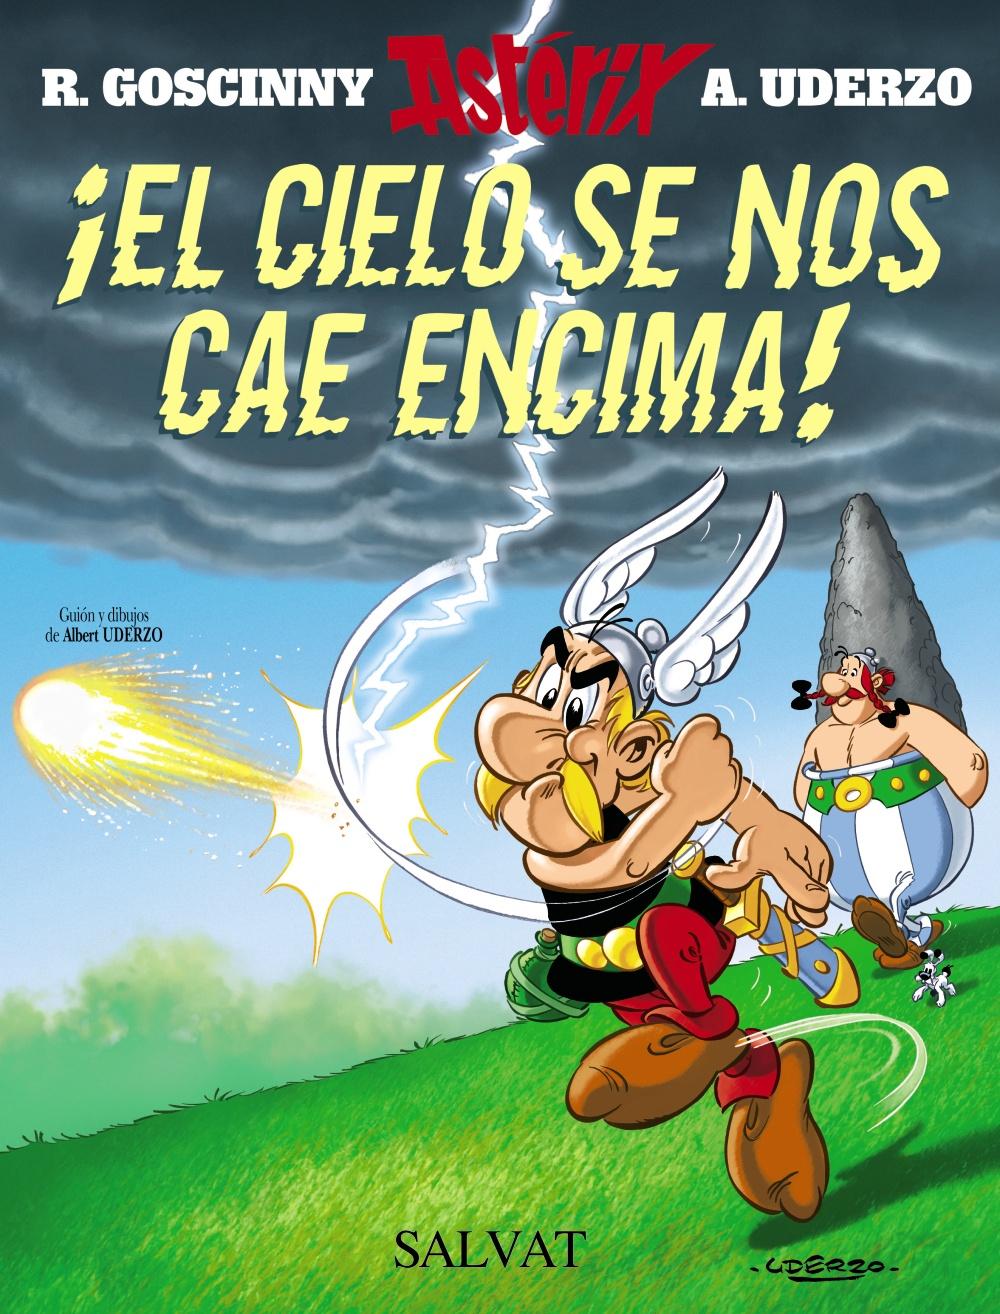 Astérix. ¡El Cielo Se Nos Cae Encima!,Goscinny; Uderzo,Salvat  tienda de comics en México distrito federal, venta de comics en México df